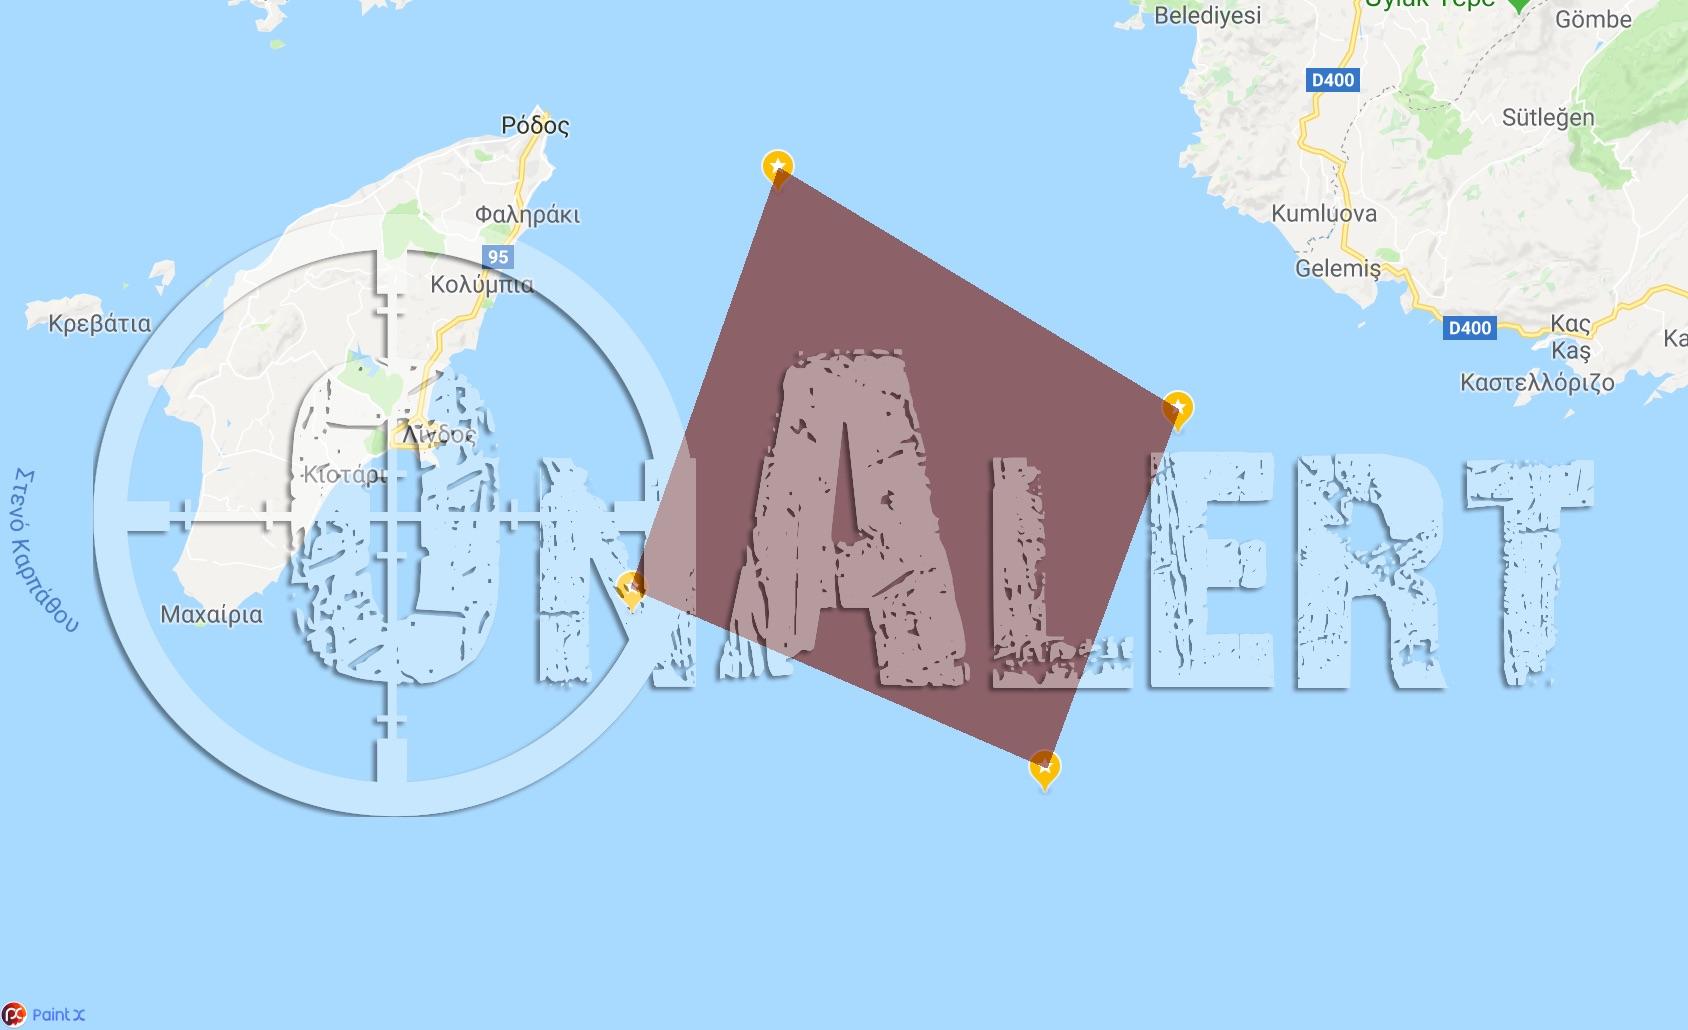 ΕΚΤΑΚΤΟ! Εκτός ελέγχου η Τουρκία, πάμε για εμπλοκή: Ναυτικός αποκλεισμός του Καστελόριζου για ασκήσεις με πυρά – Πυραυλάκατοι του ΠΝ και ΠΑ σε ετοιμότητα - Εικόνα1